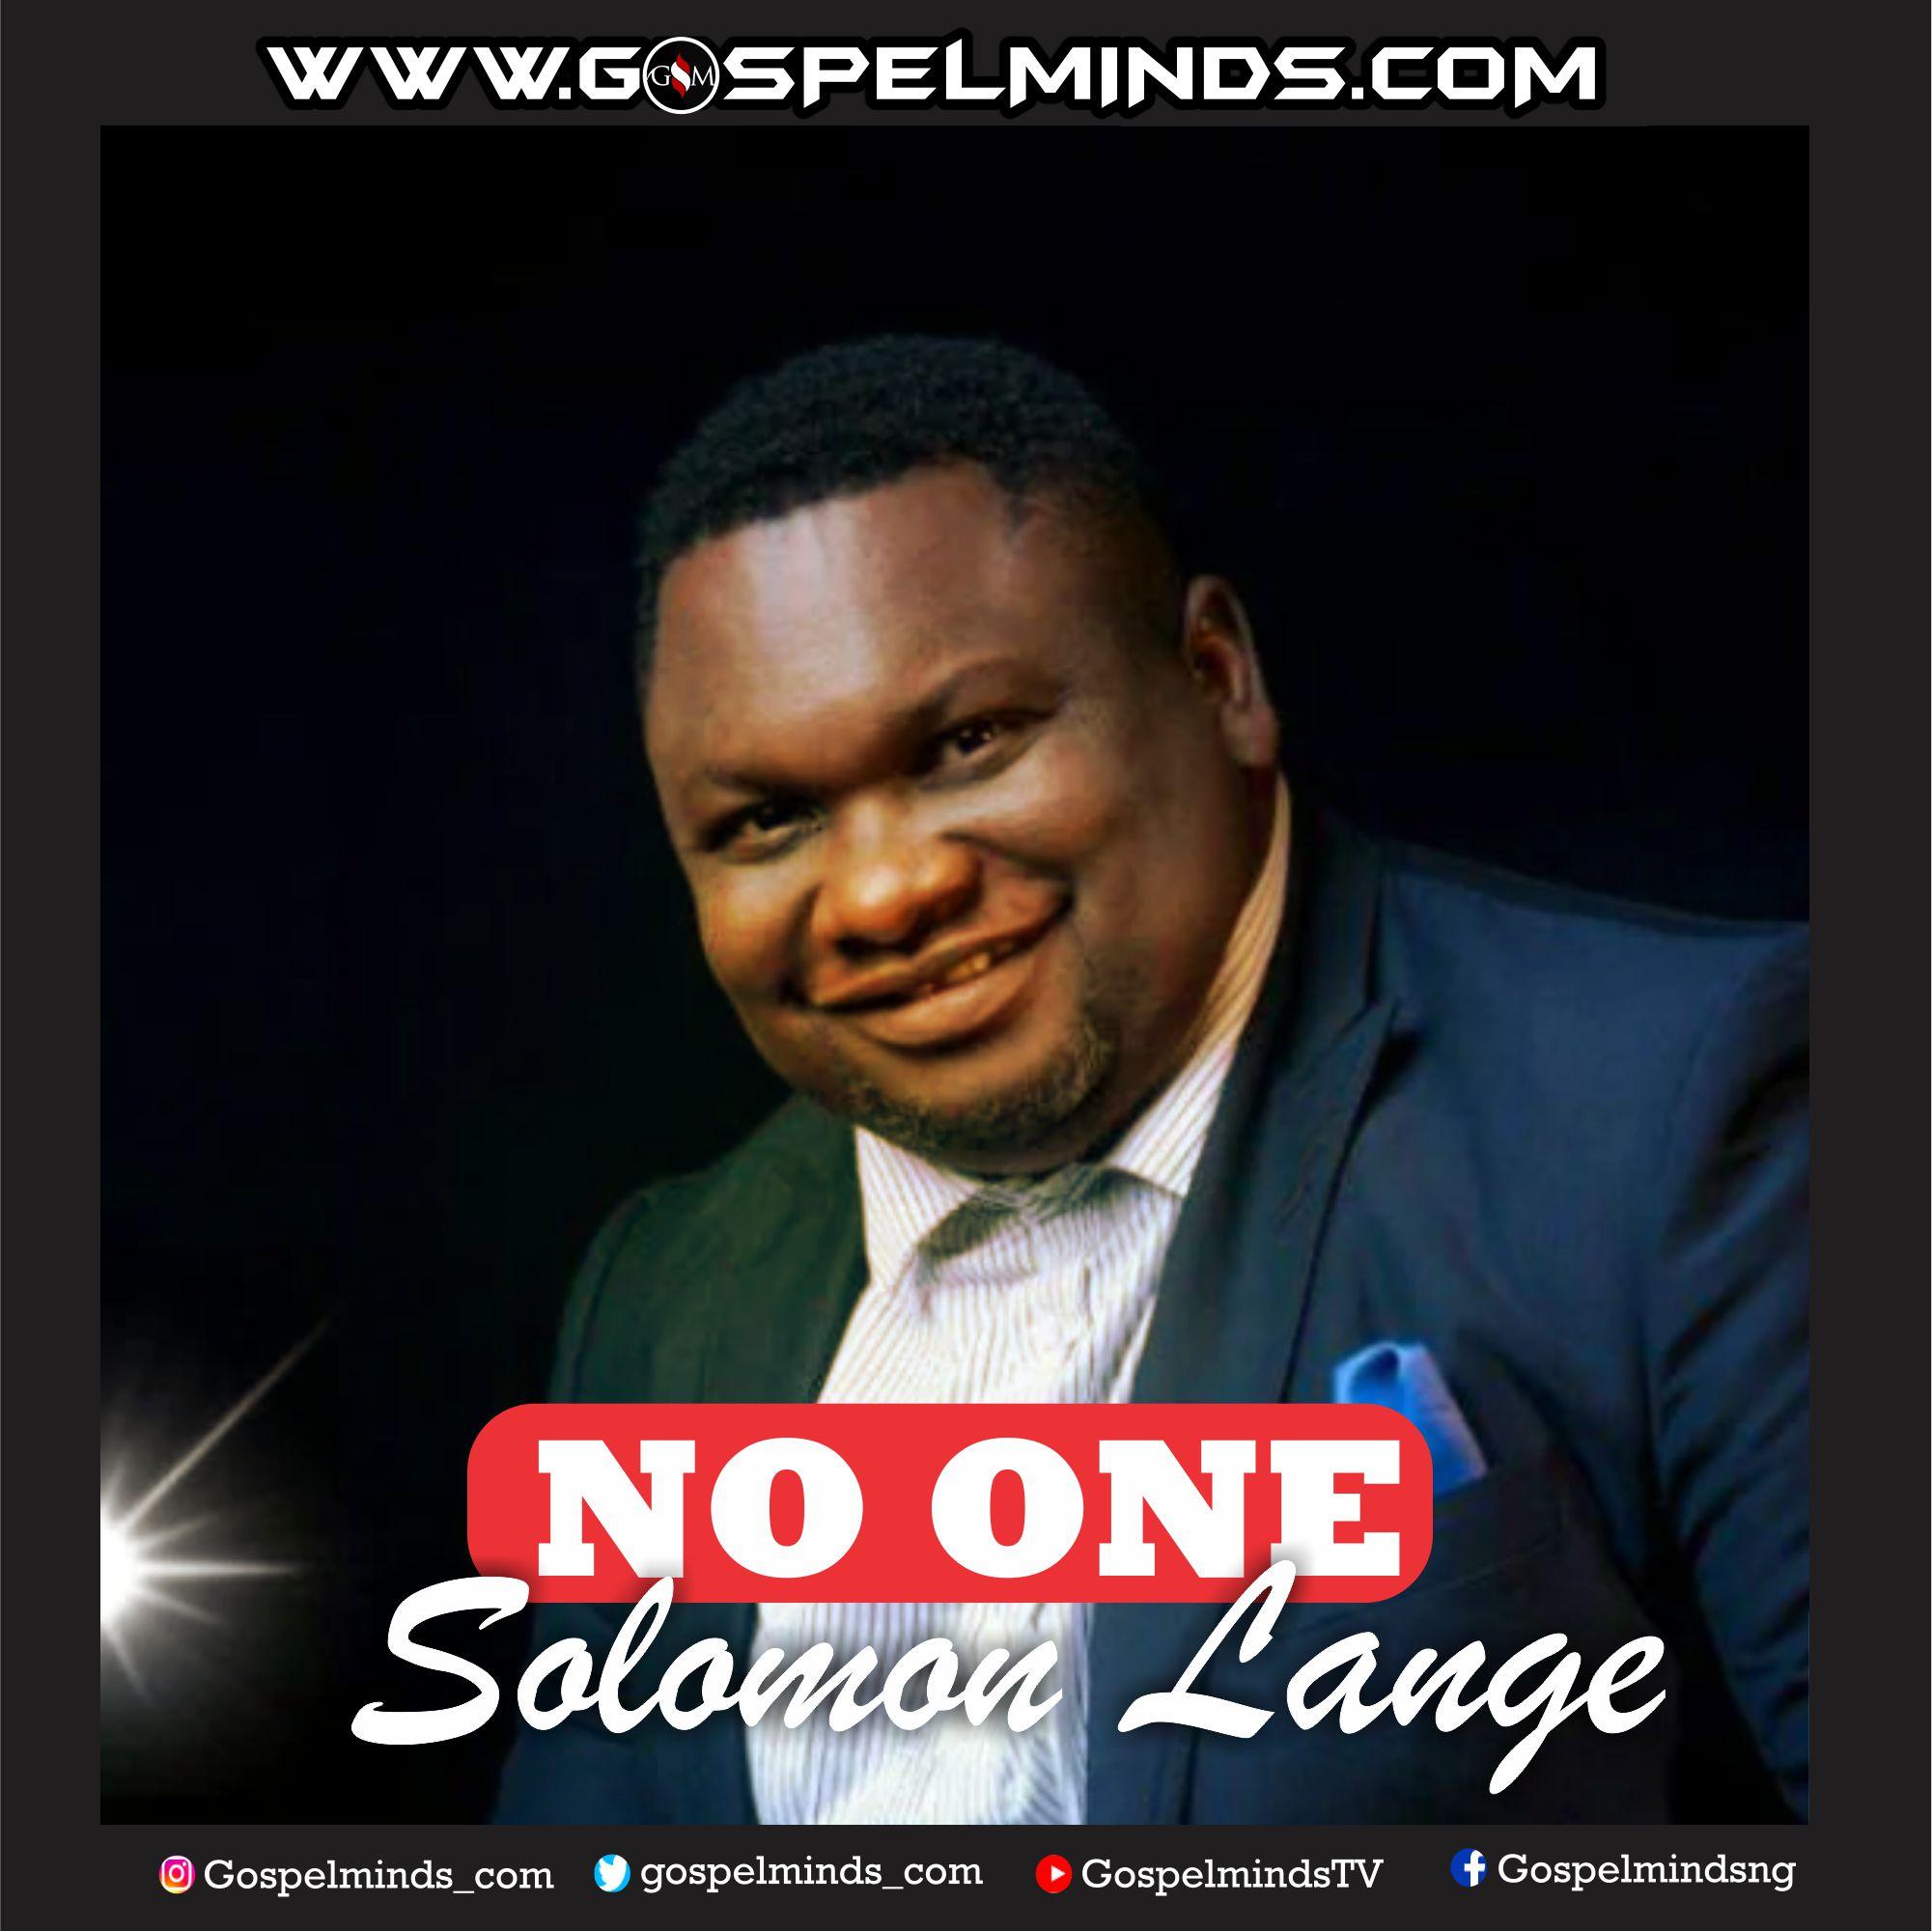 Solomon Lange - No one